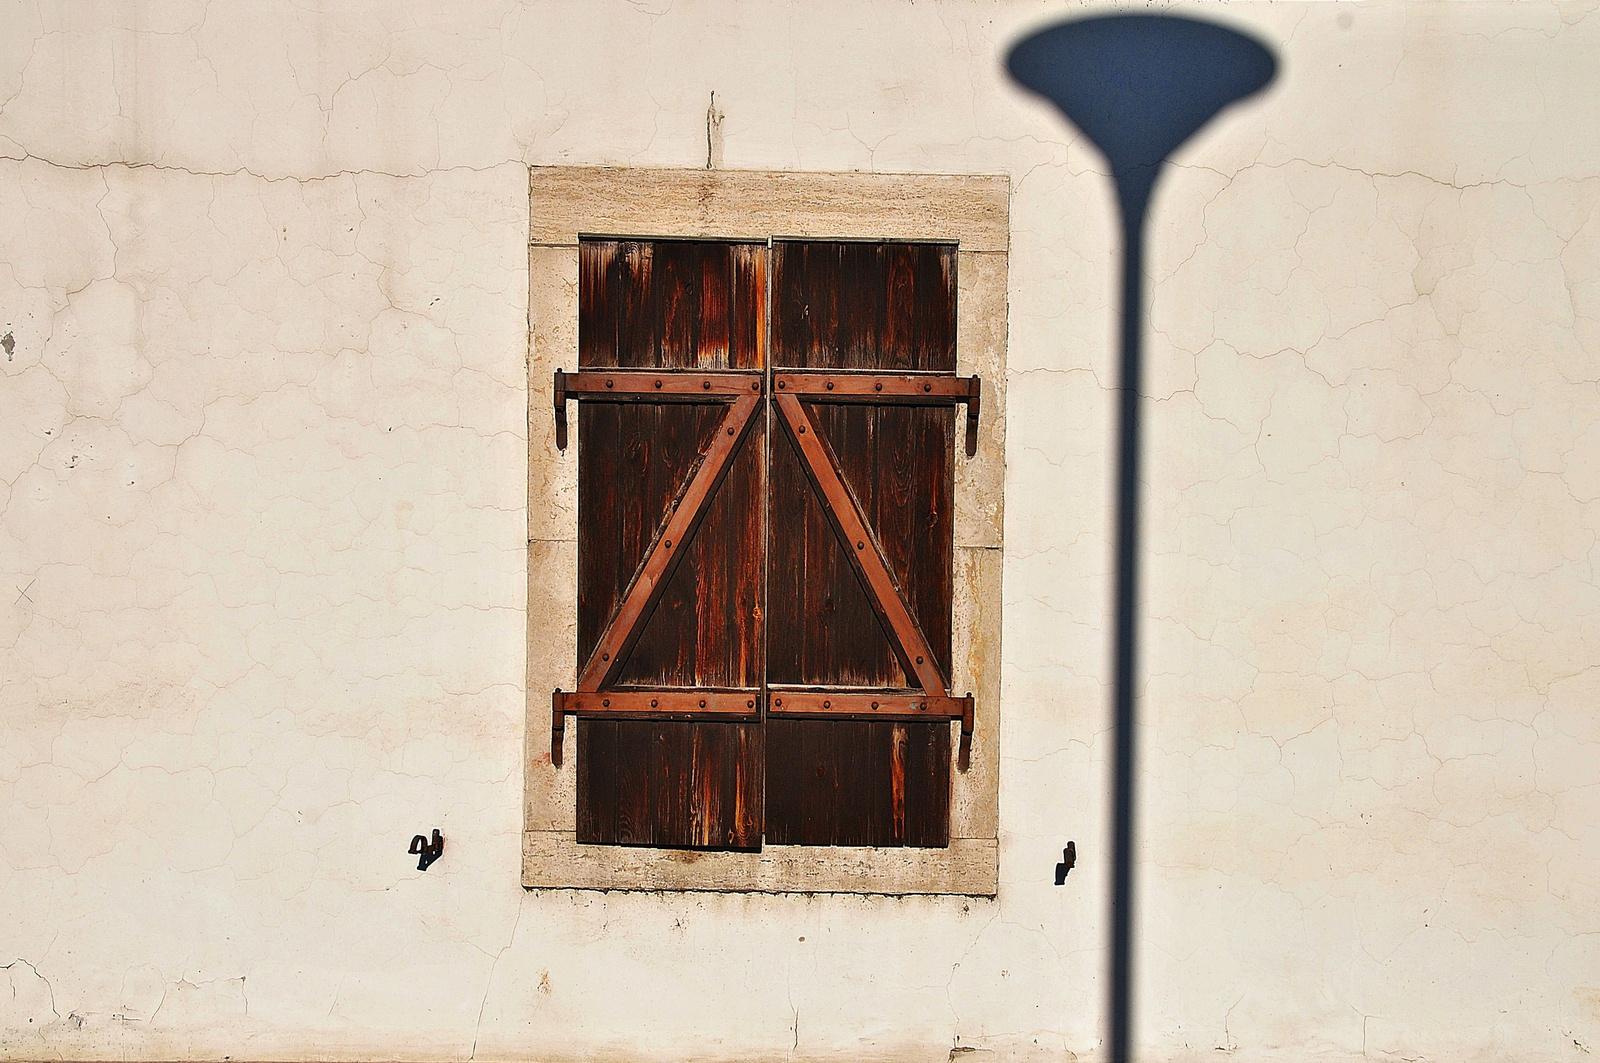 Kandeláberes ablak